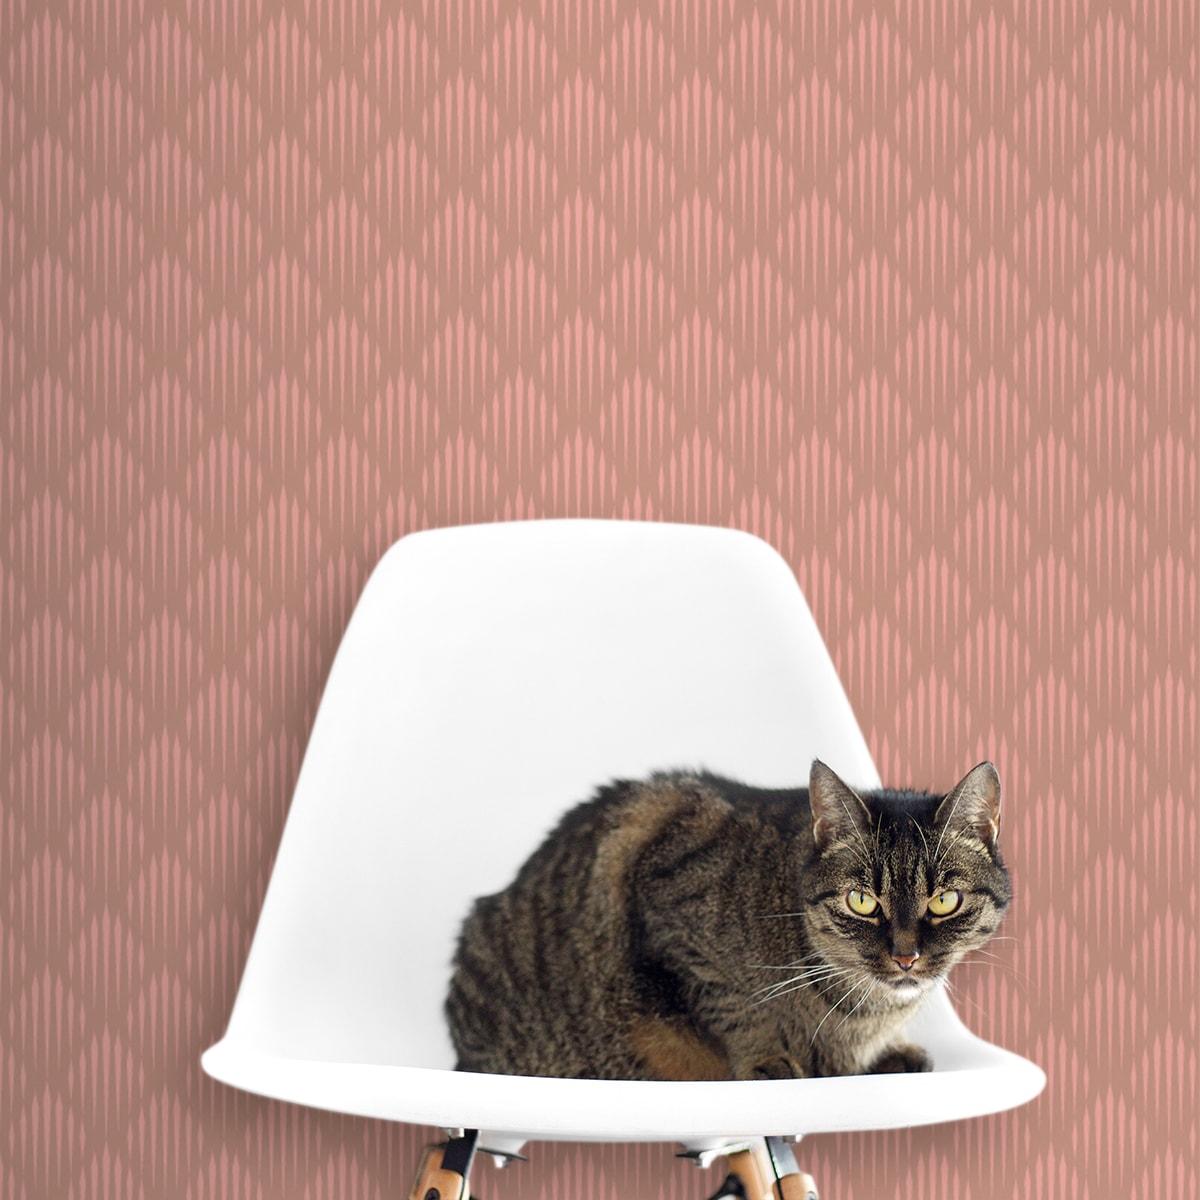 Full Size of Art Deko Diamant Design Tapete Mit Grafischer Eleganz In Altrosa Stehlampe Schlafzimmer Landhausstil Led Deckenleuchte Wandtattoos Gardinen Für Günstige Wohnzimmer Altrosa Schlafzimmer